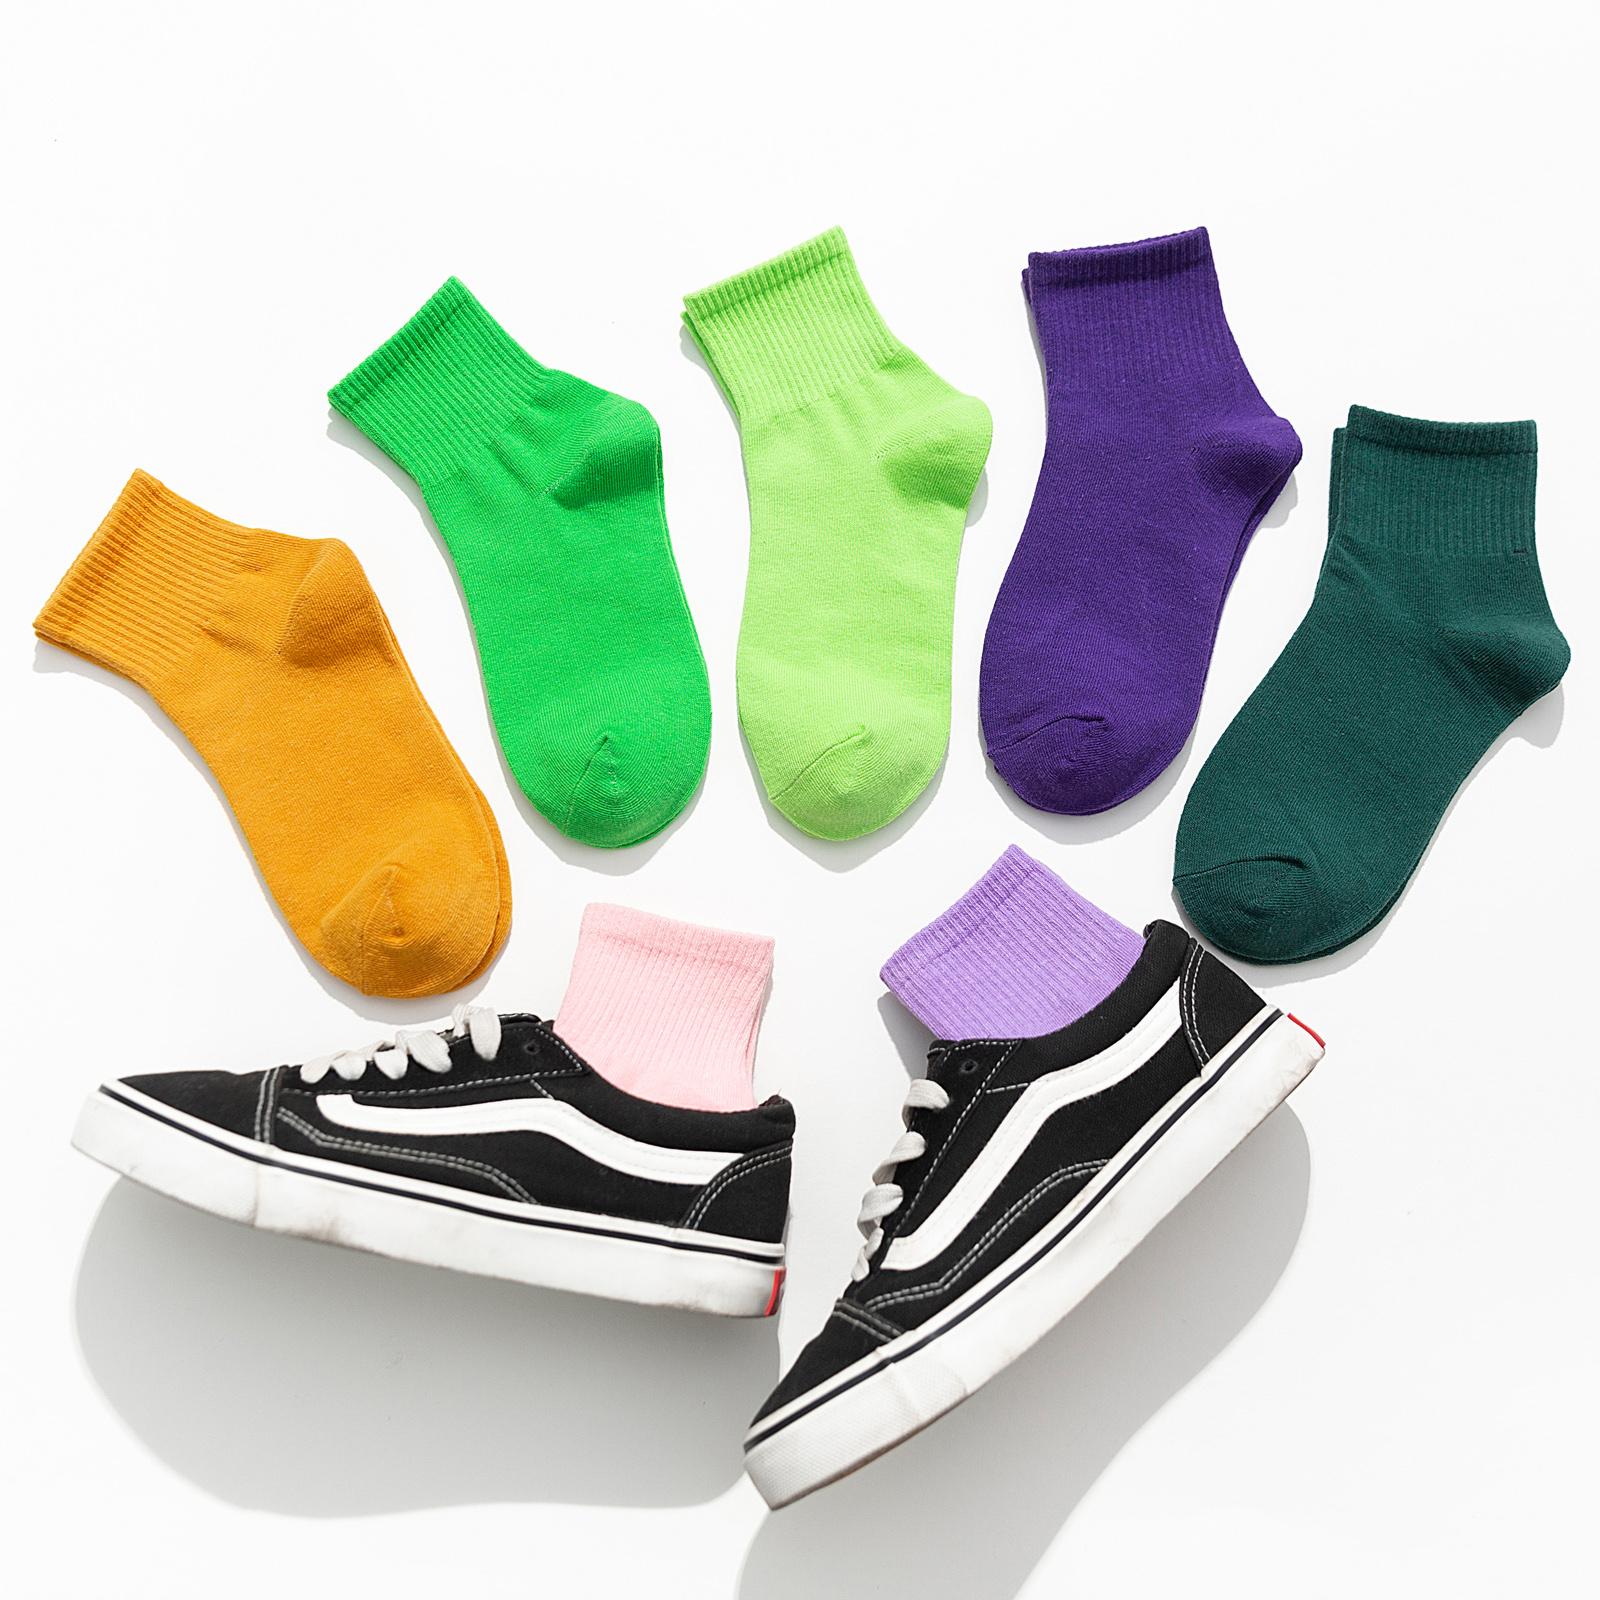 纯色袜子女黑色中筒袜韩国日系ins潮网红款纯棉春秋夏季白色短袜